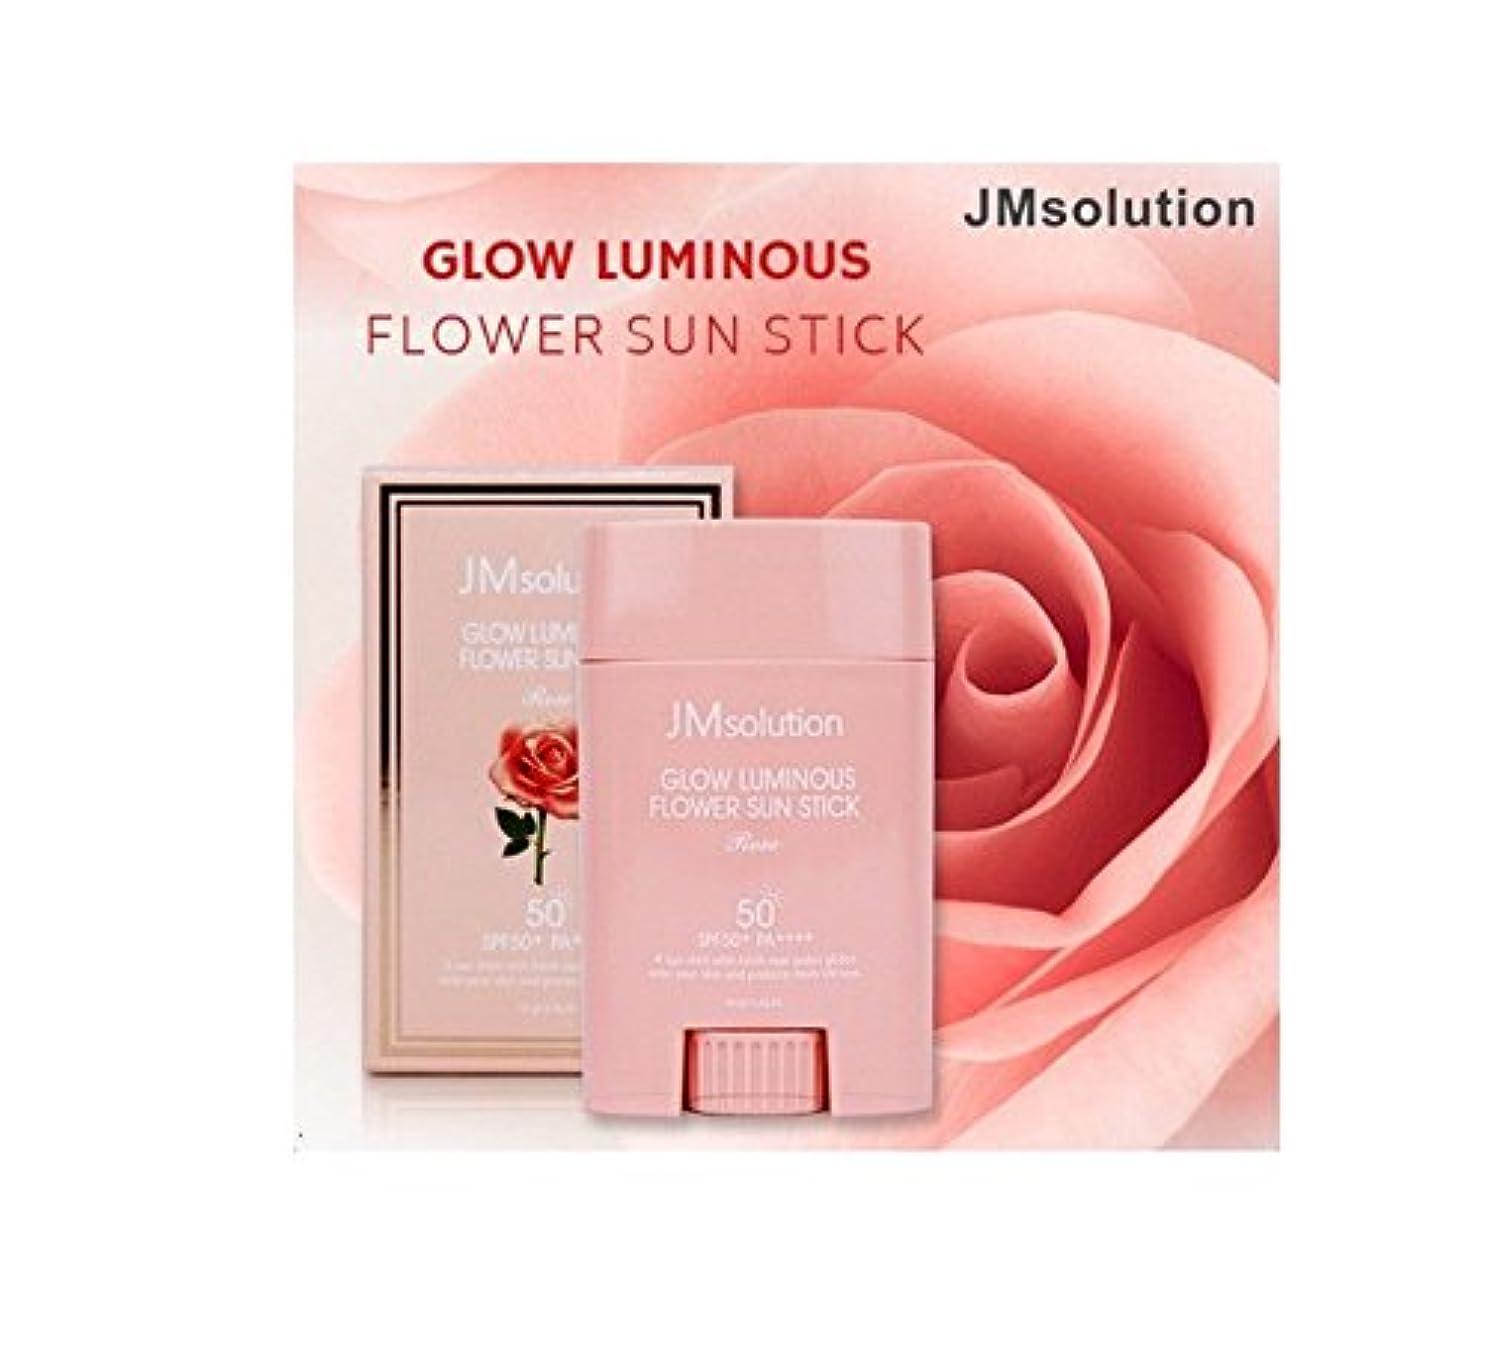 意外差し迫ったセクションJM Solution Glow Luminous Flower Sun Stick Rose 21g (spf50 PA) 光る輝く花Sun Stick Rose